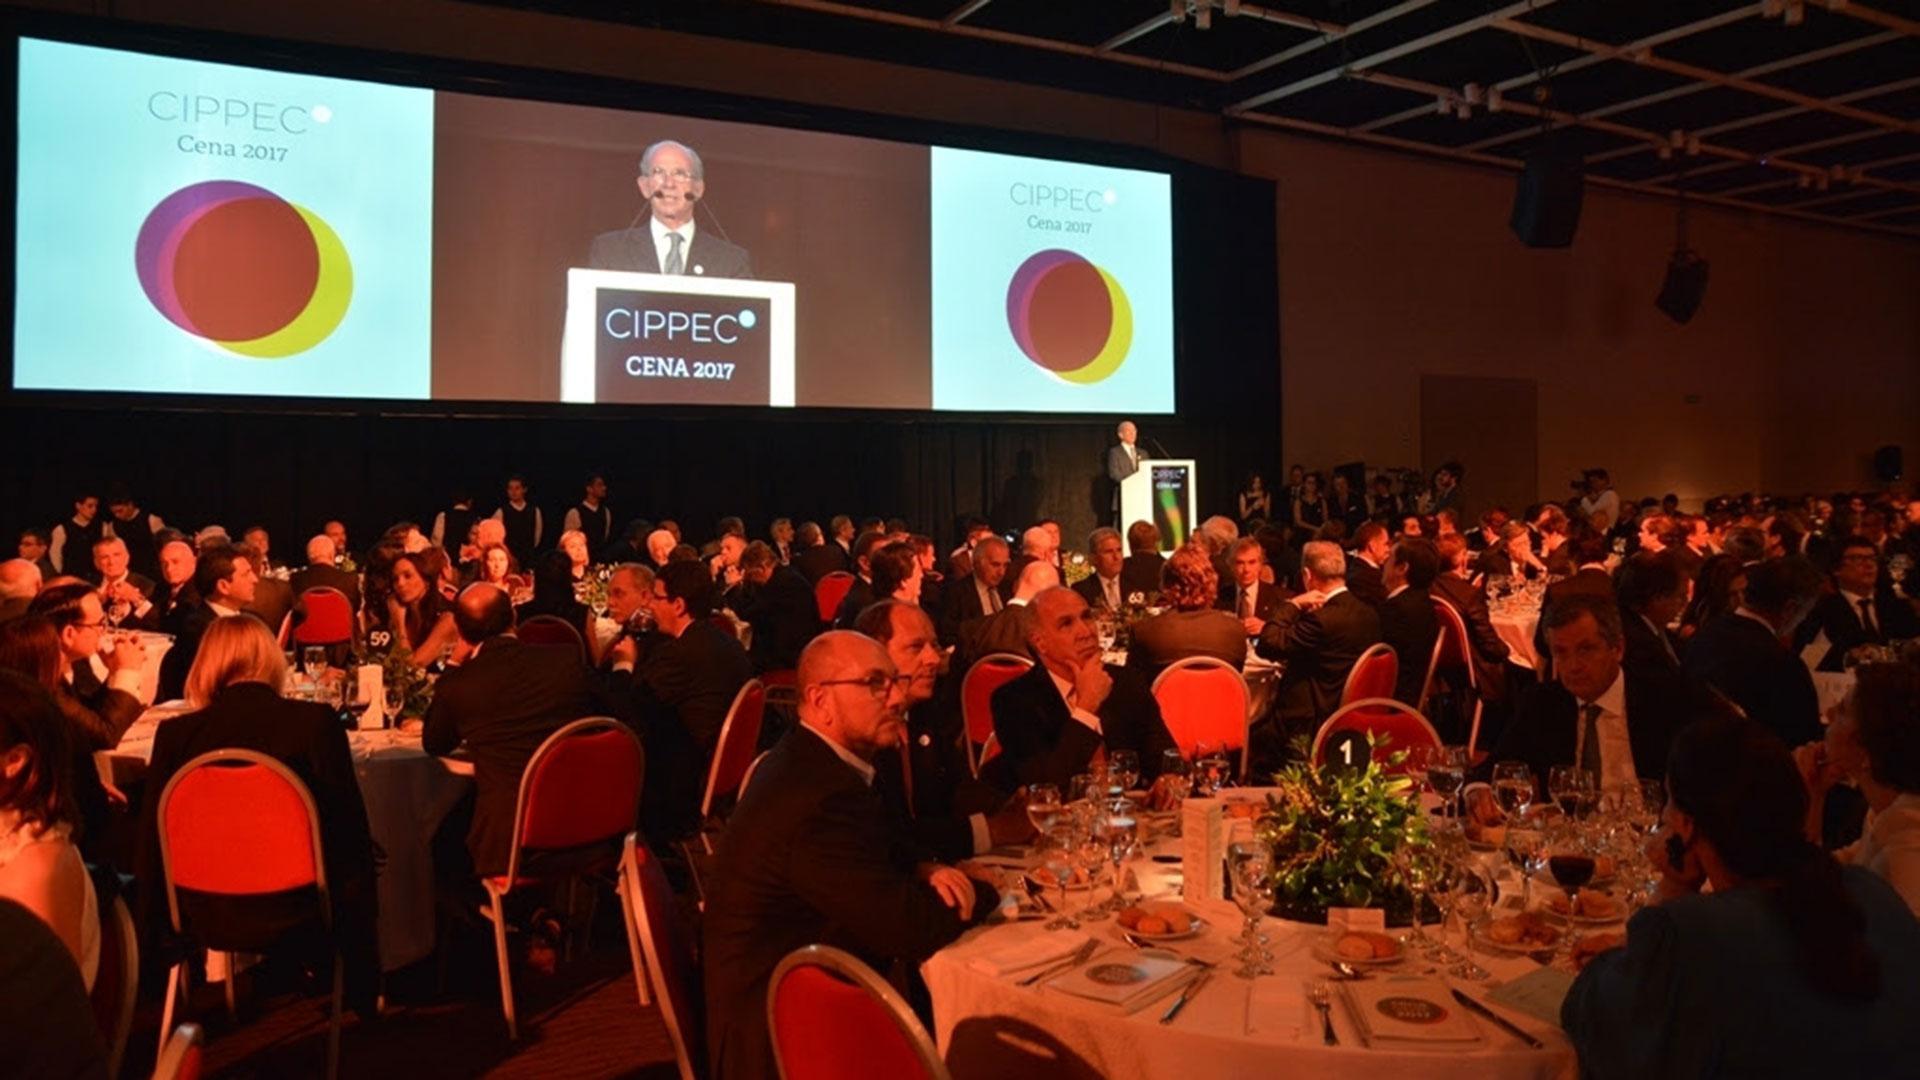 El discurso de Jorge Mandelbaum, presidente del Consejo de Administración de CIPPEC